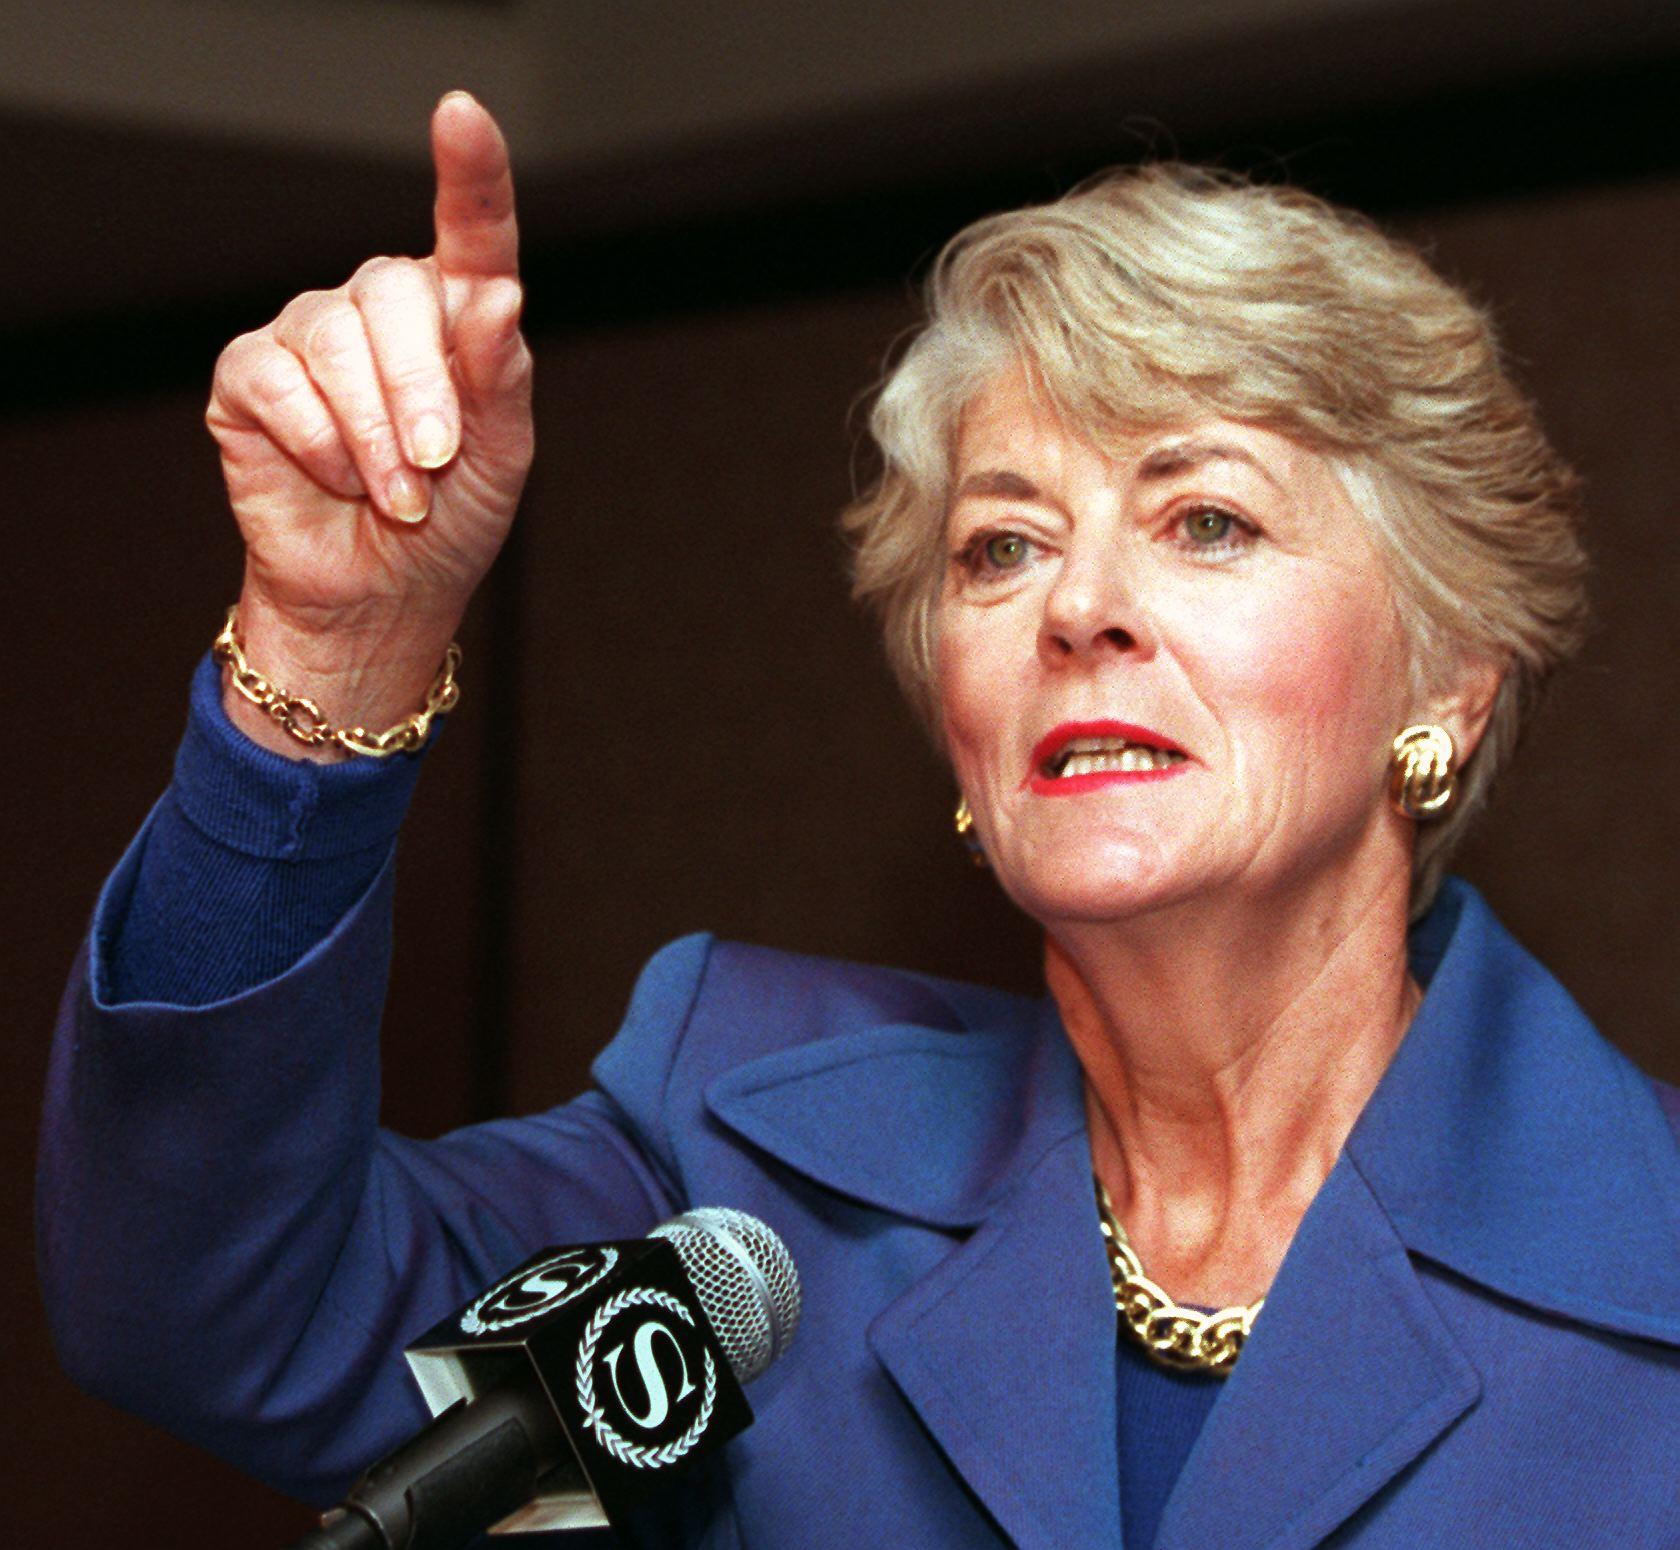 Former Democratic vice presidential candidate Geraldine Ferraro